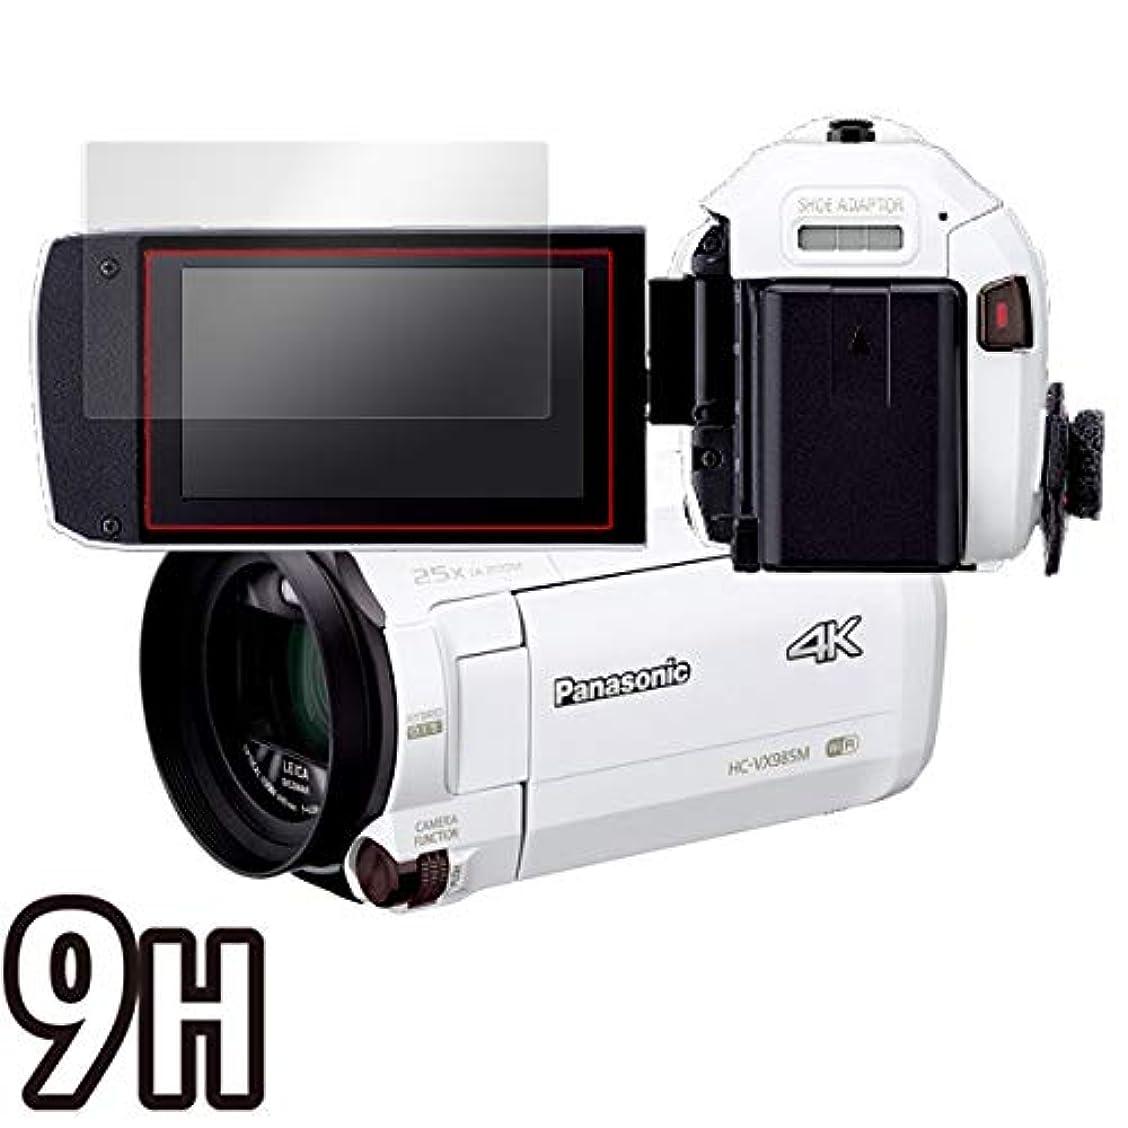 受信天才それPET製フィルム 強化ガラス同等の硬度 高硬度9H素材採用 Panasonic デジタル4Kビデオカメラ HC-VZX990M / HC-VX990M / HC-WZXF1M / HC-WZX1M / HC-VZX1M / HC-WXF1M / HC-WX1M / HC-VX1M / HC-WX995M / HC-VX985M 用 日本製 高光沢液晶保護フィルム OverLay Plus 9H